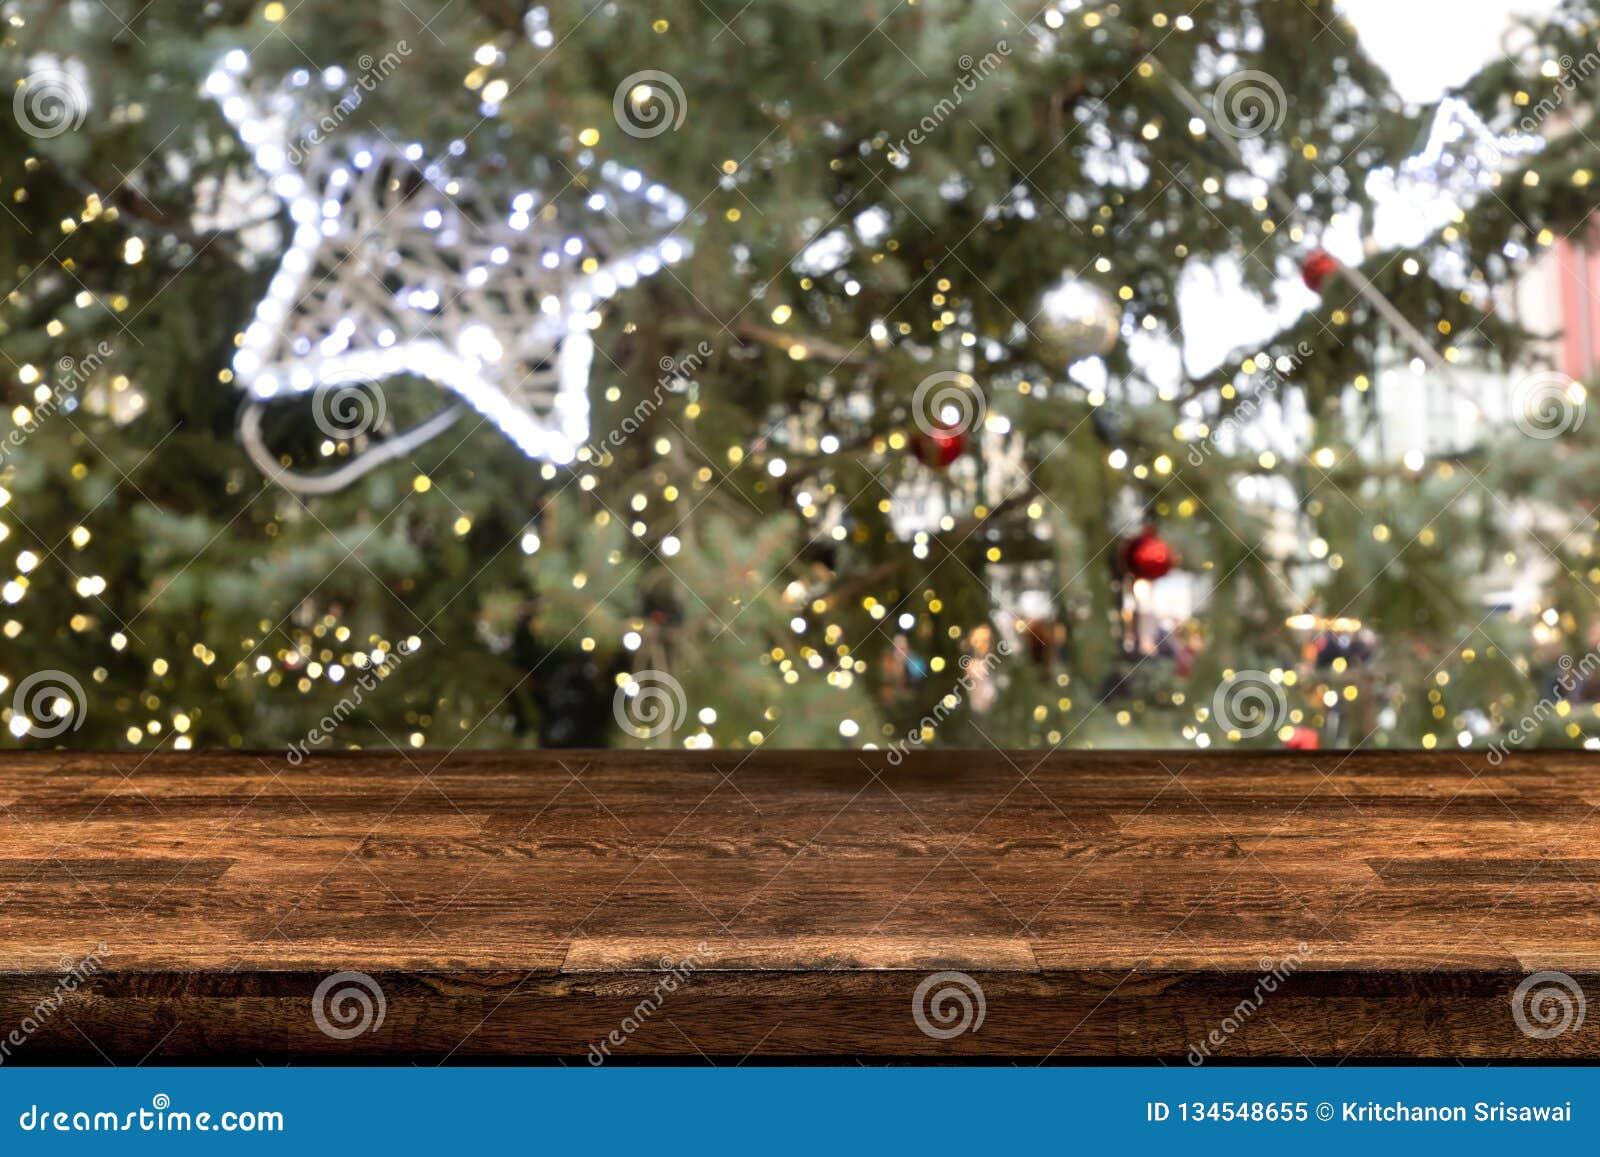 Sobremesa con el fondo abstracto borroso del mercado de la Navidad